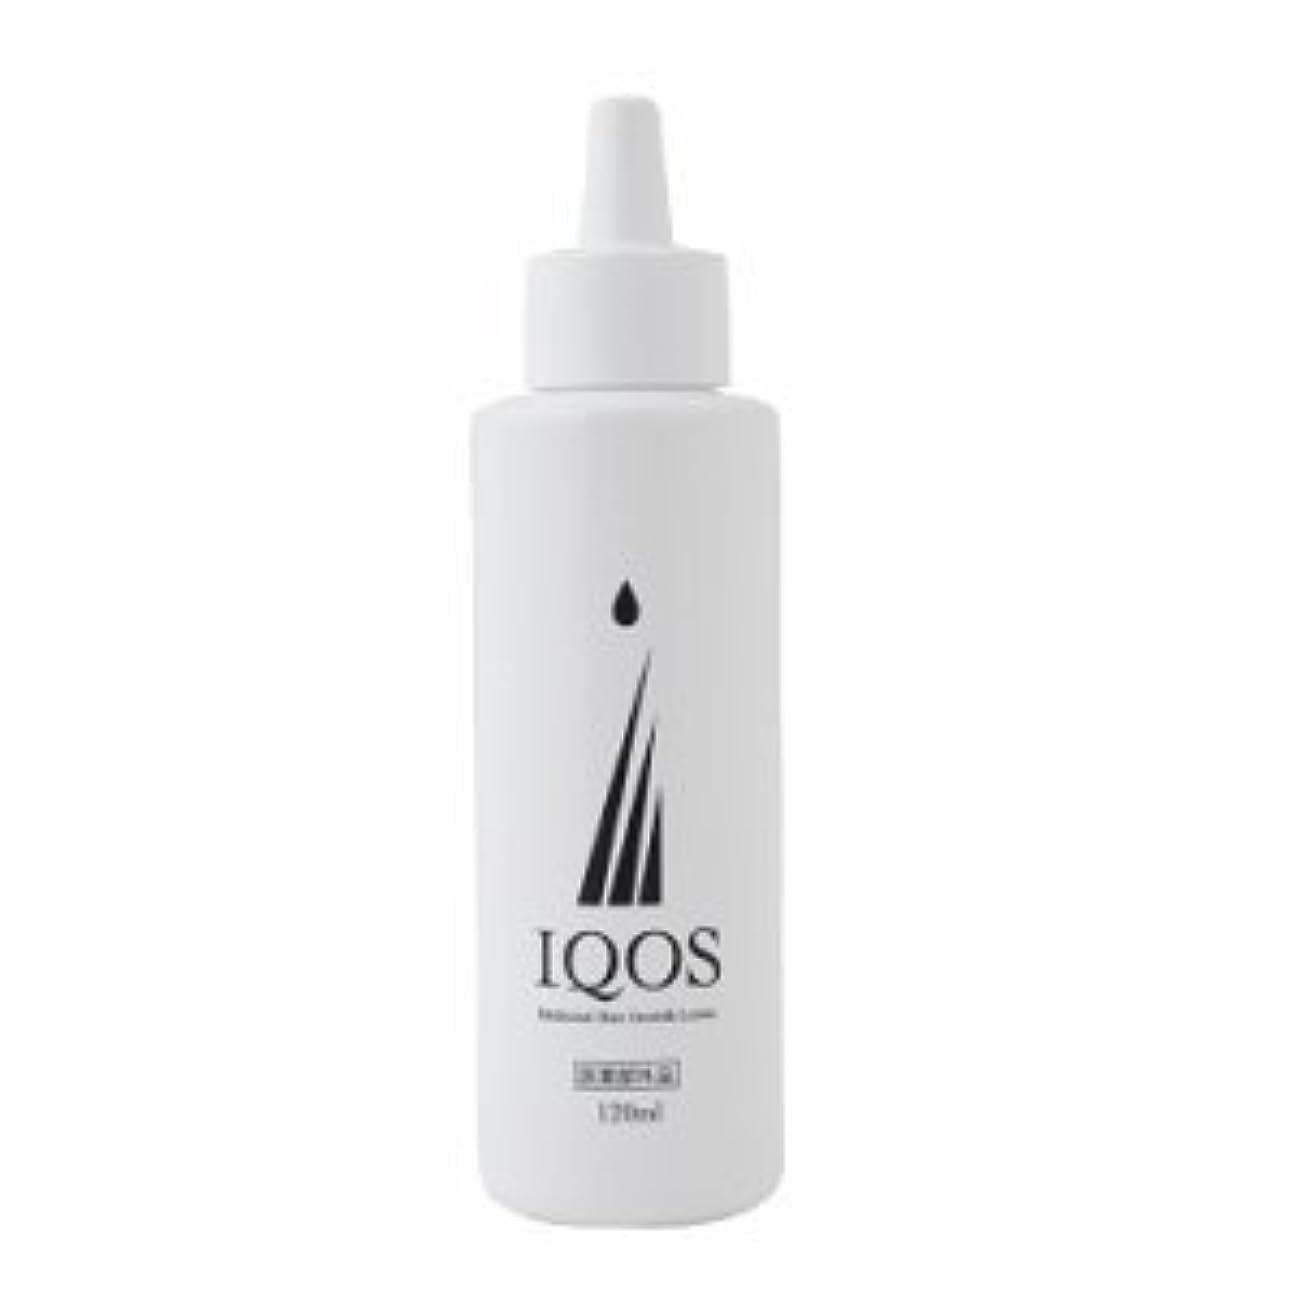 ボックス偽善日記M-034を最大級配合 薬用育毛剤 IQOS イクオス 120ml